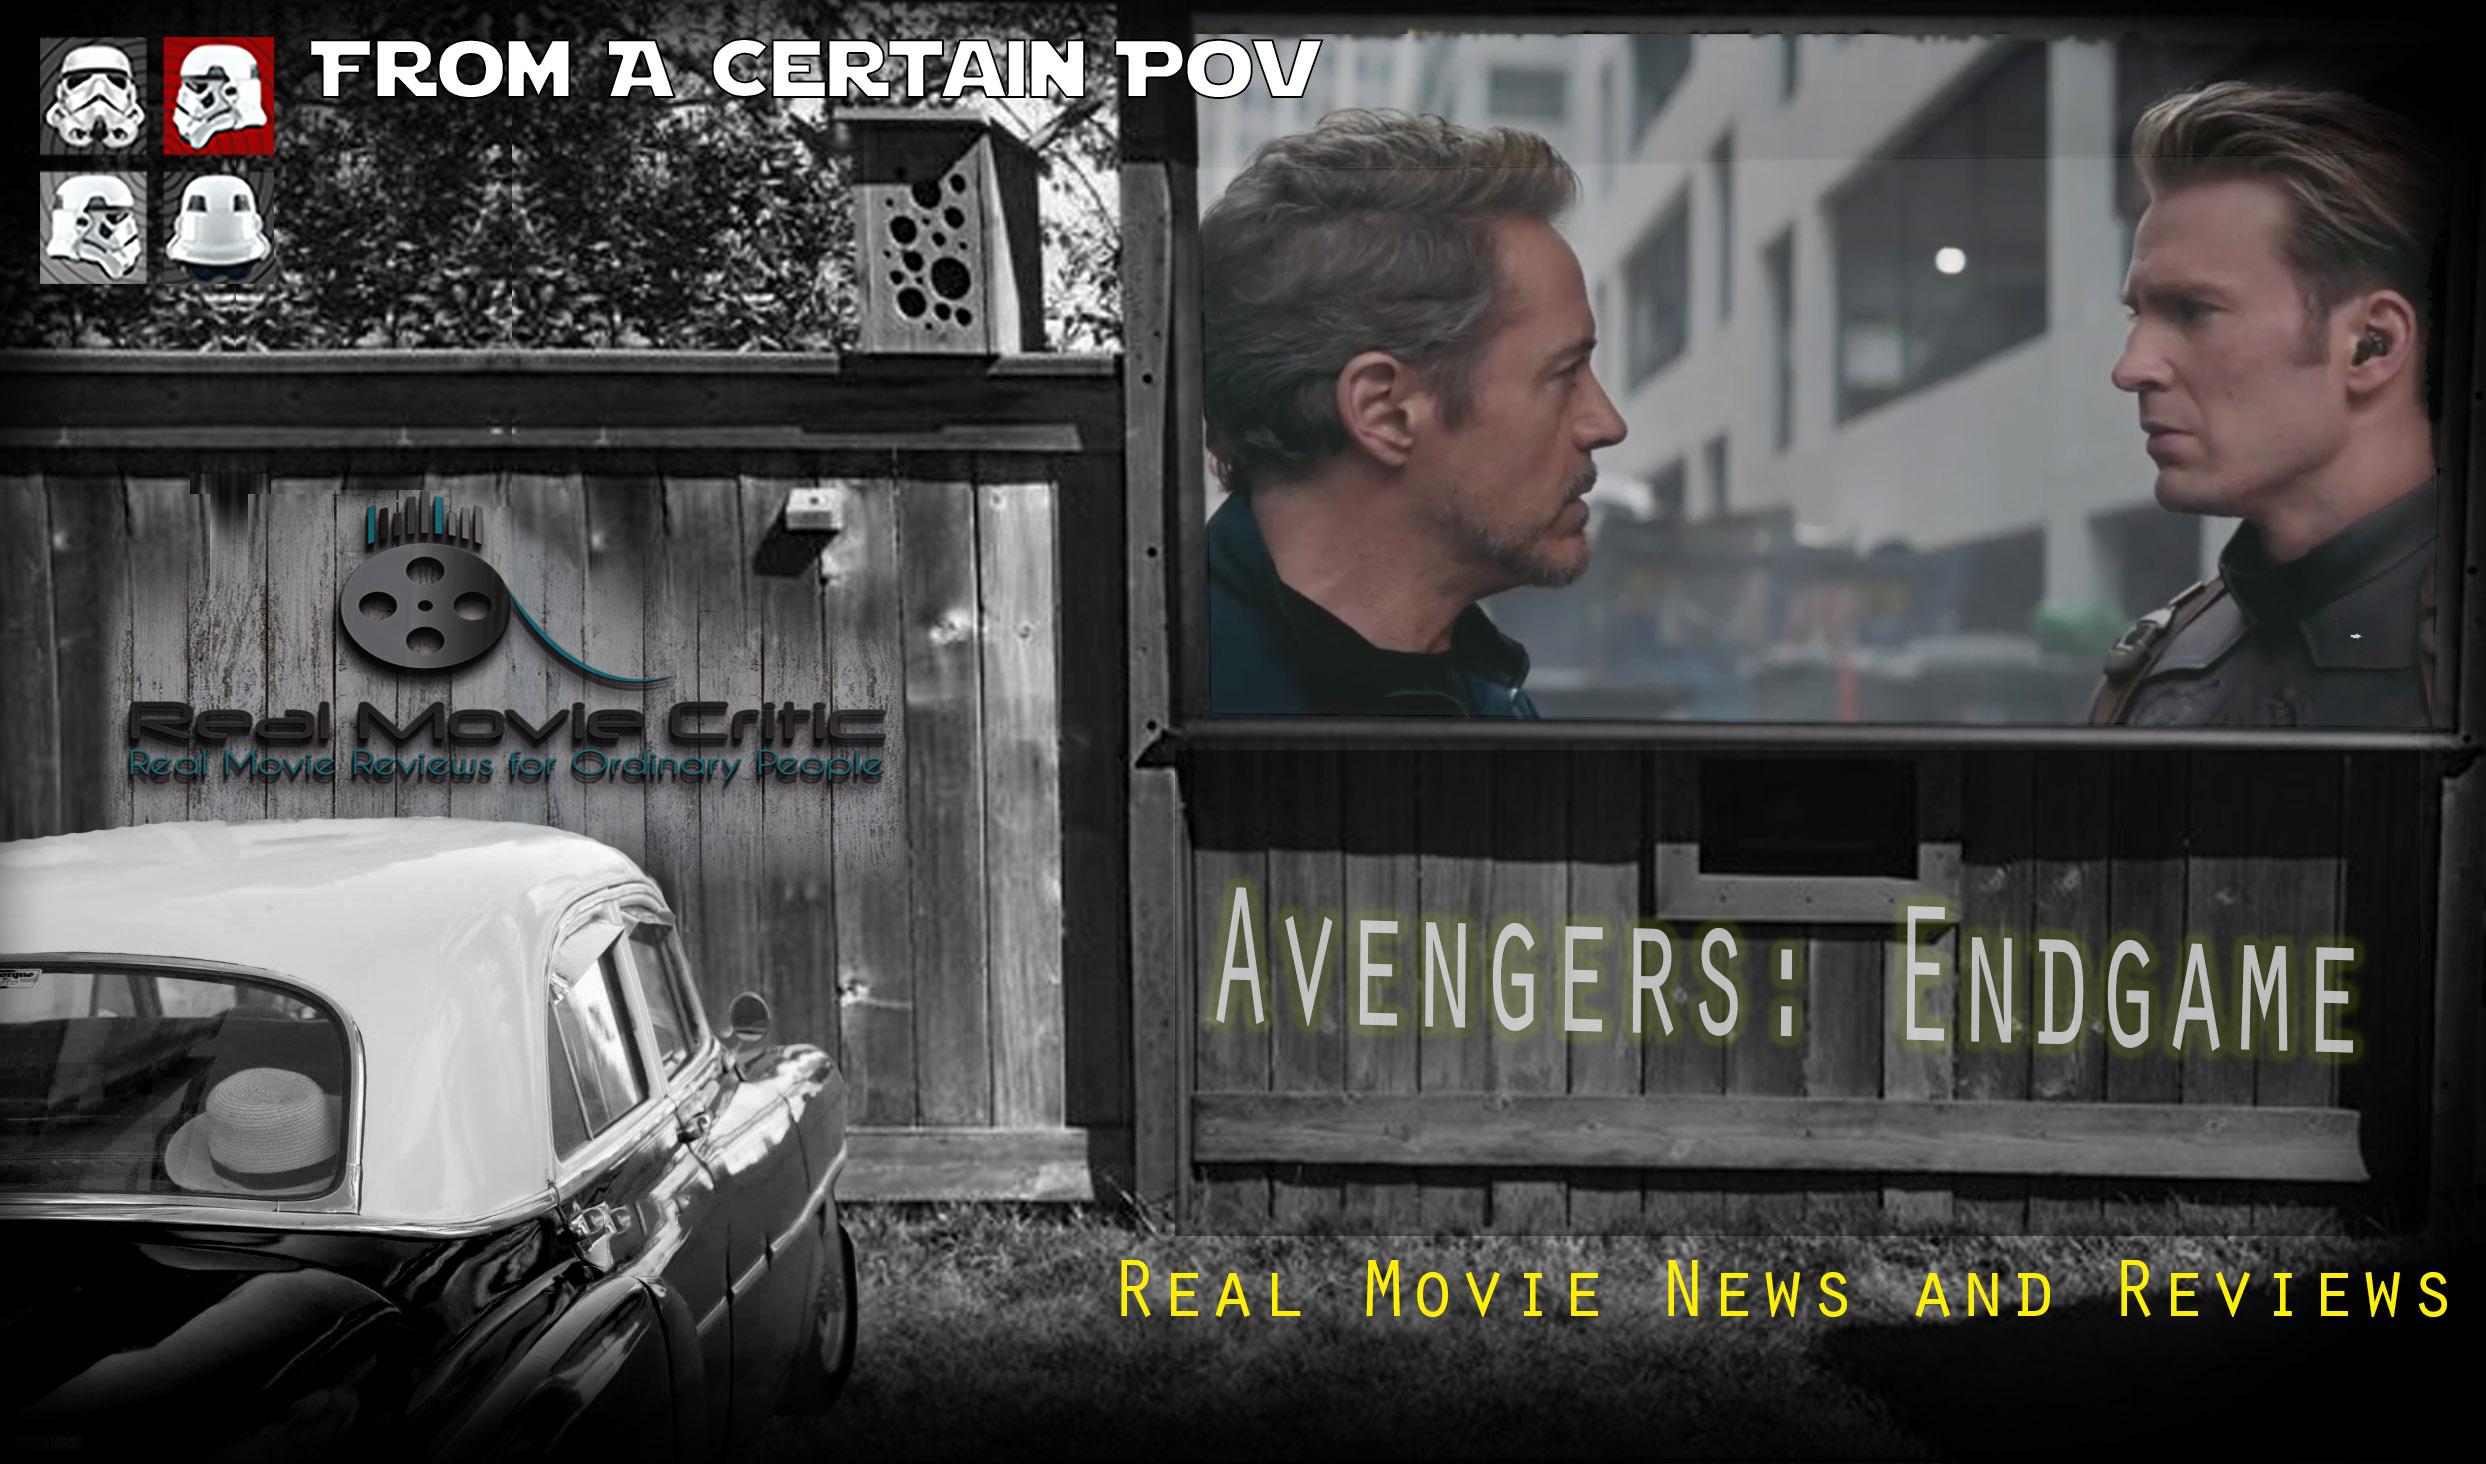 RMNR 04302019 Avengers Endgame.jpg